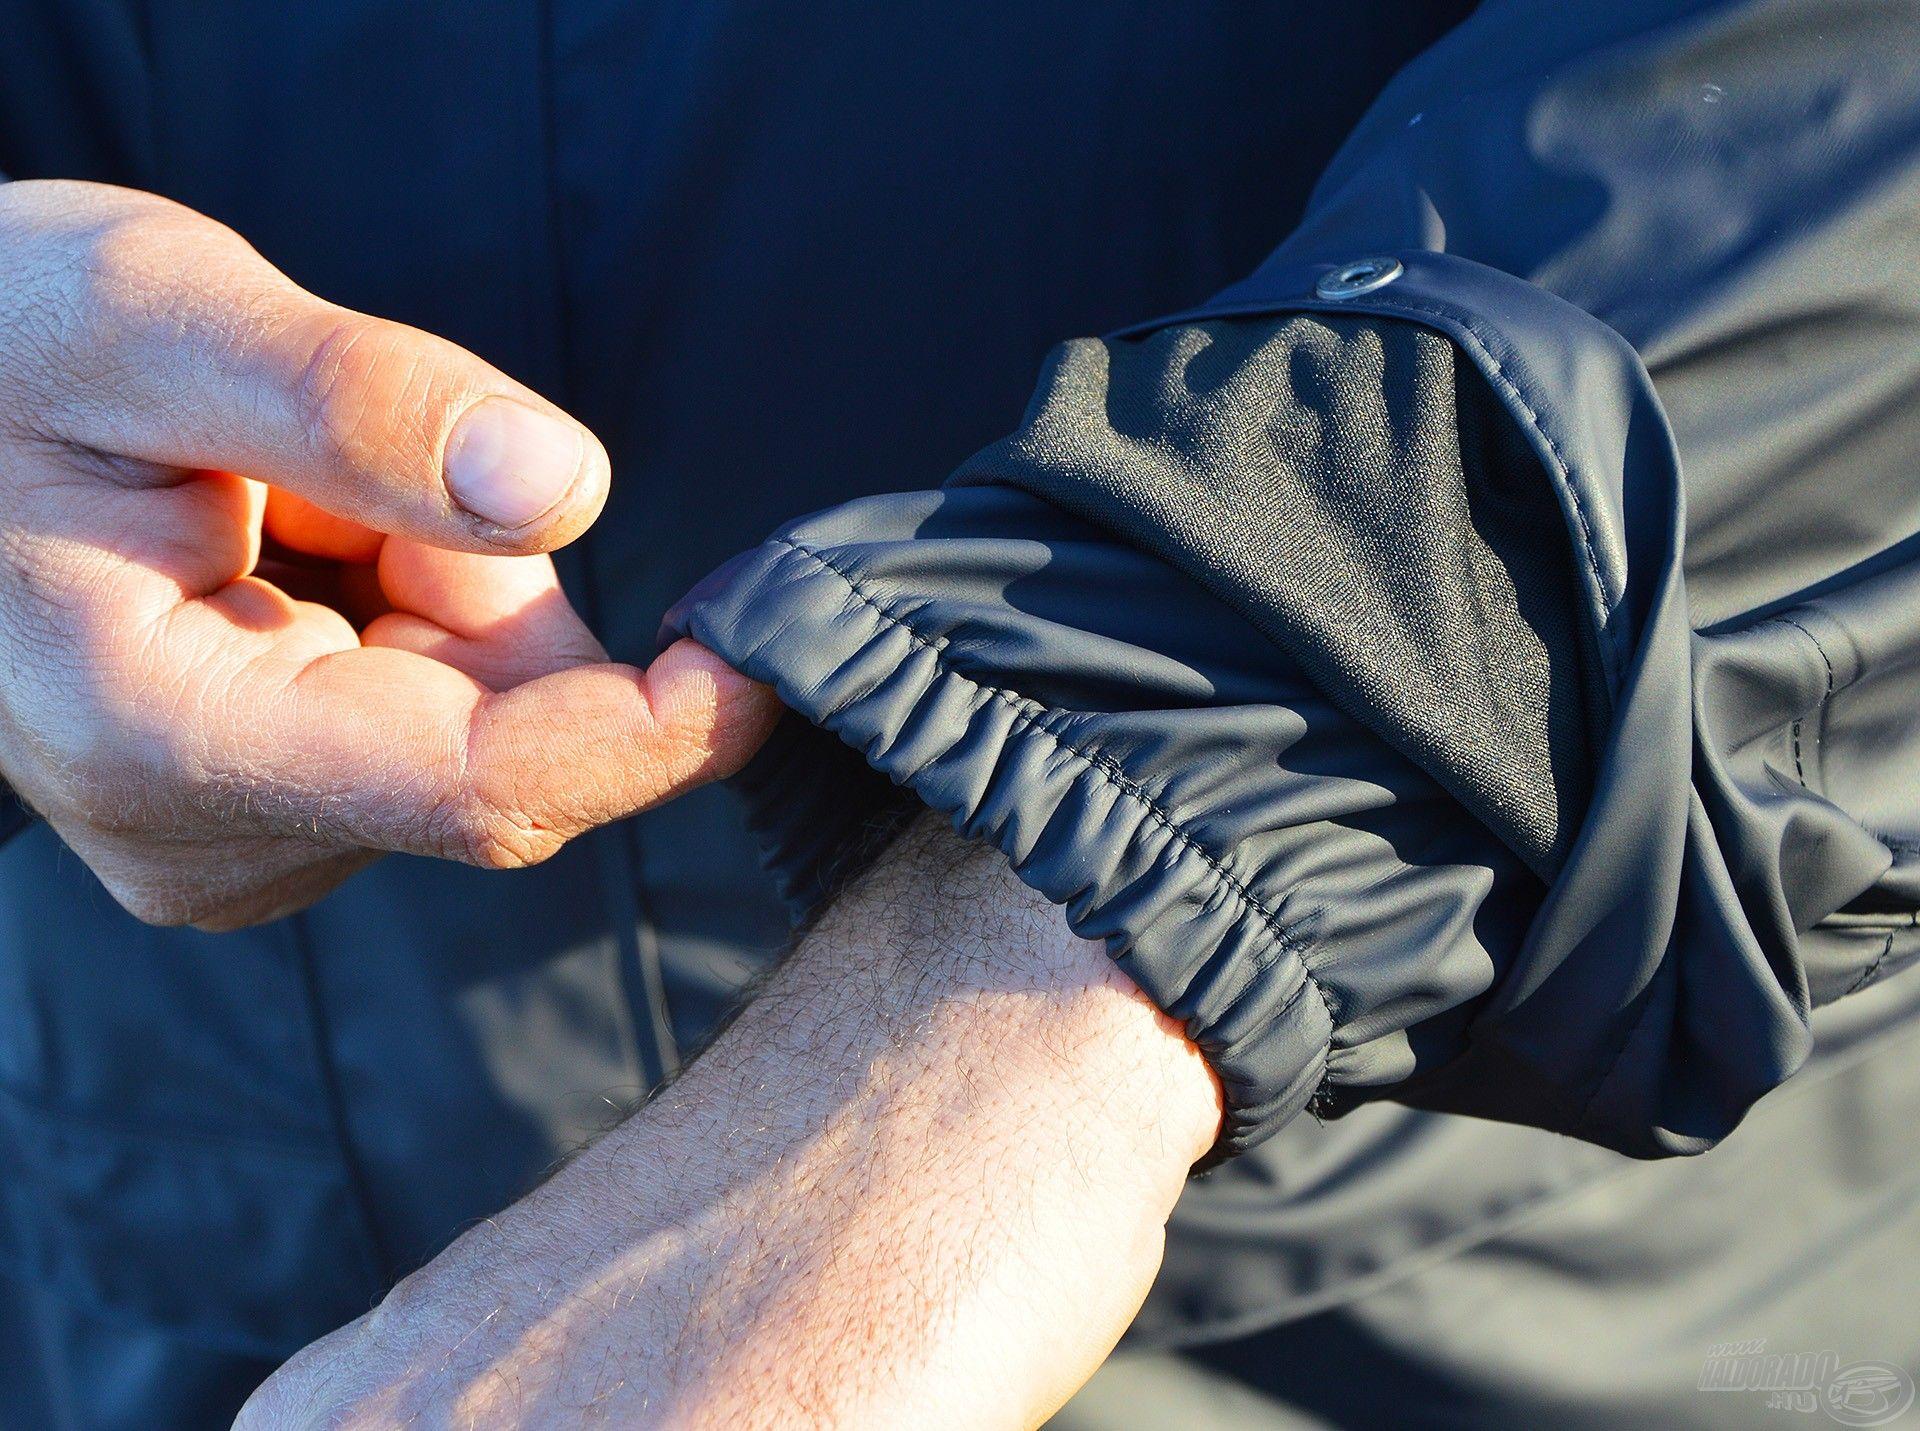 A mandzsetta alatt gumírozott a kabát ujjának anyaga, így nem csúszik fel